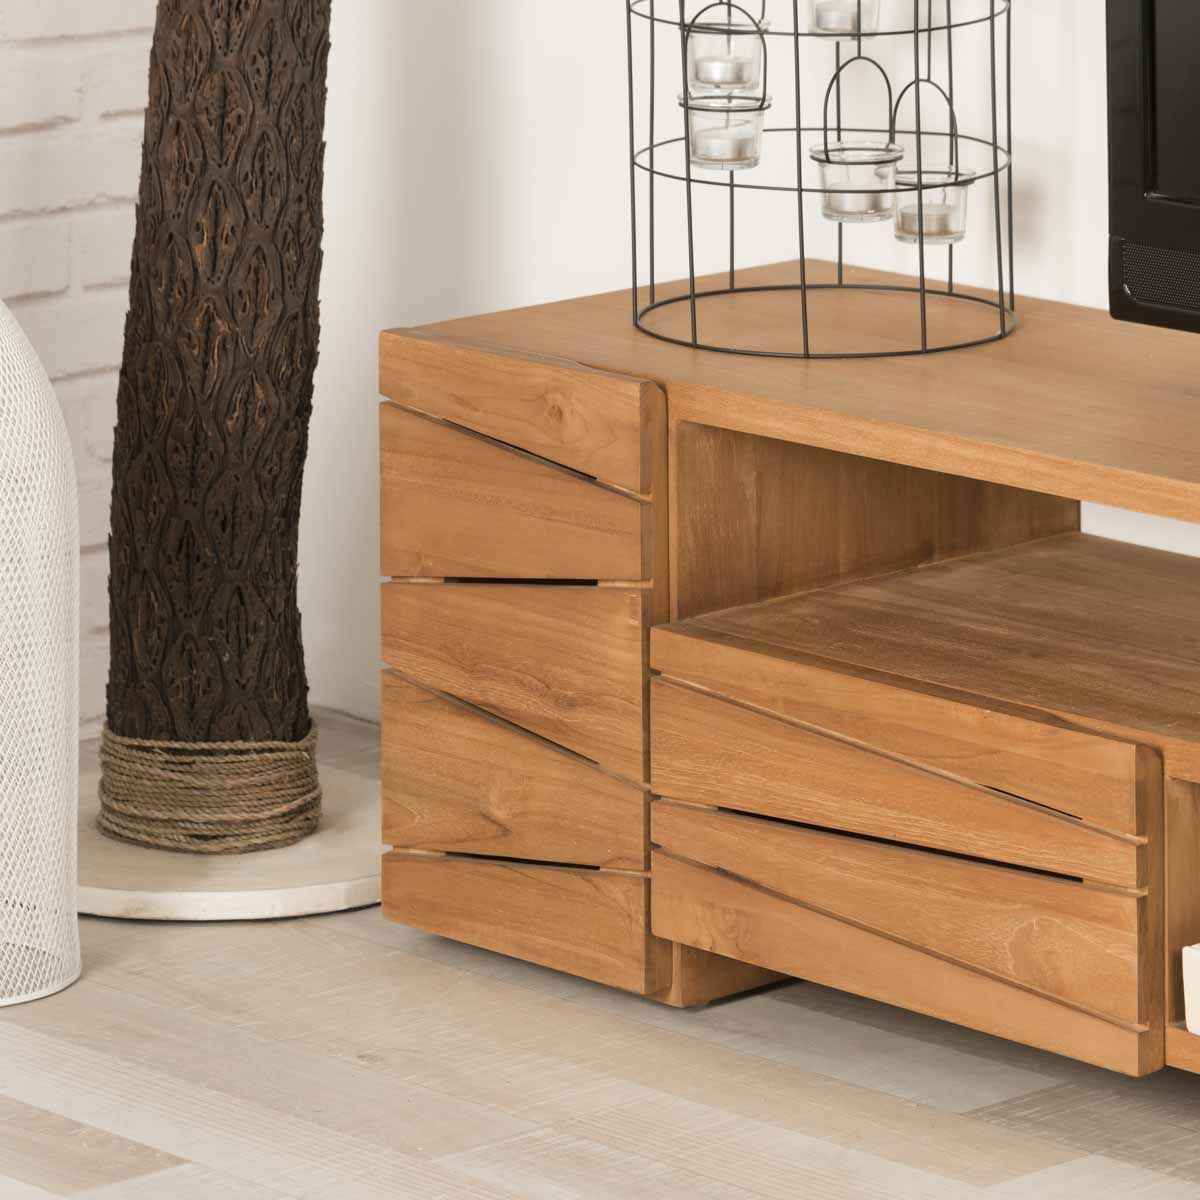 Meuble tv de salon en bois de teck massif s r nit for Entretien meuble en teck